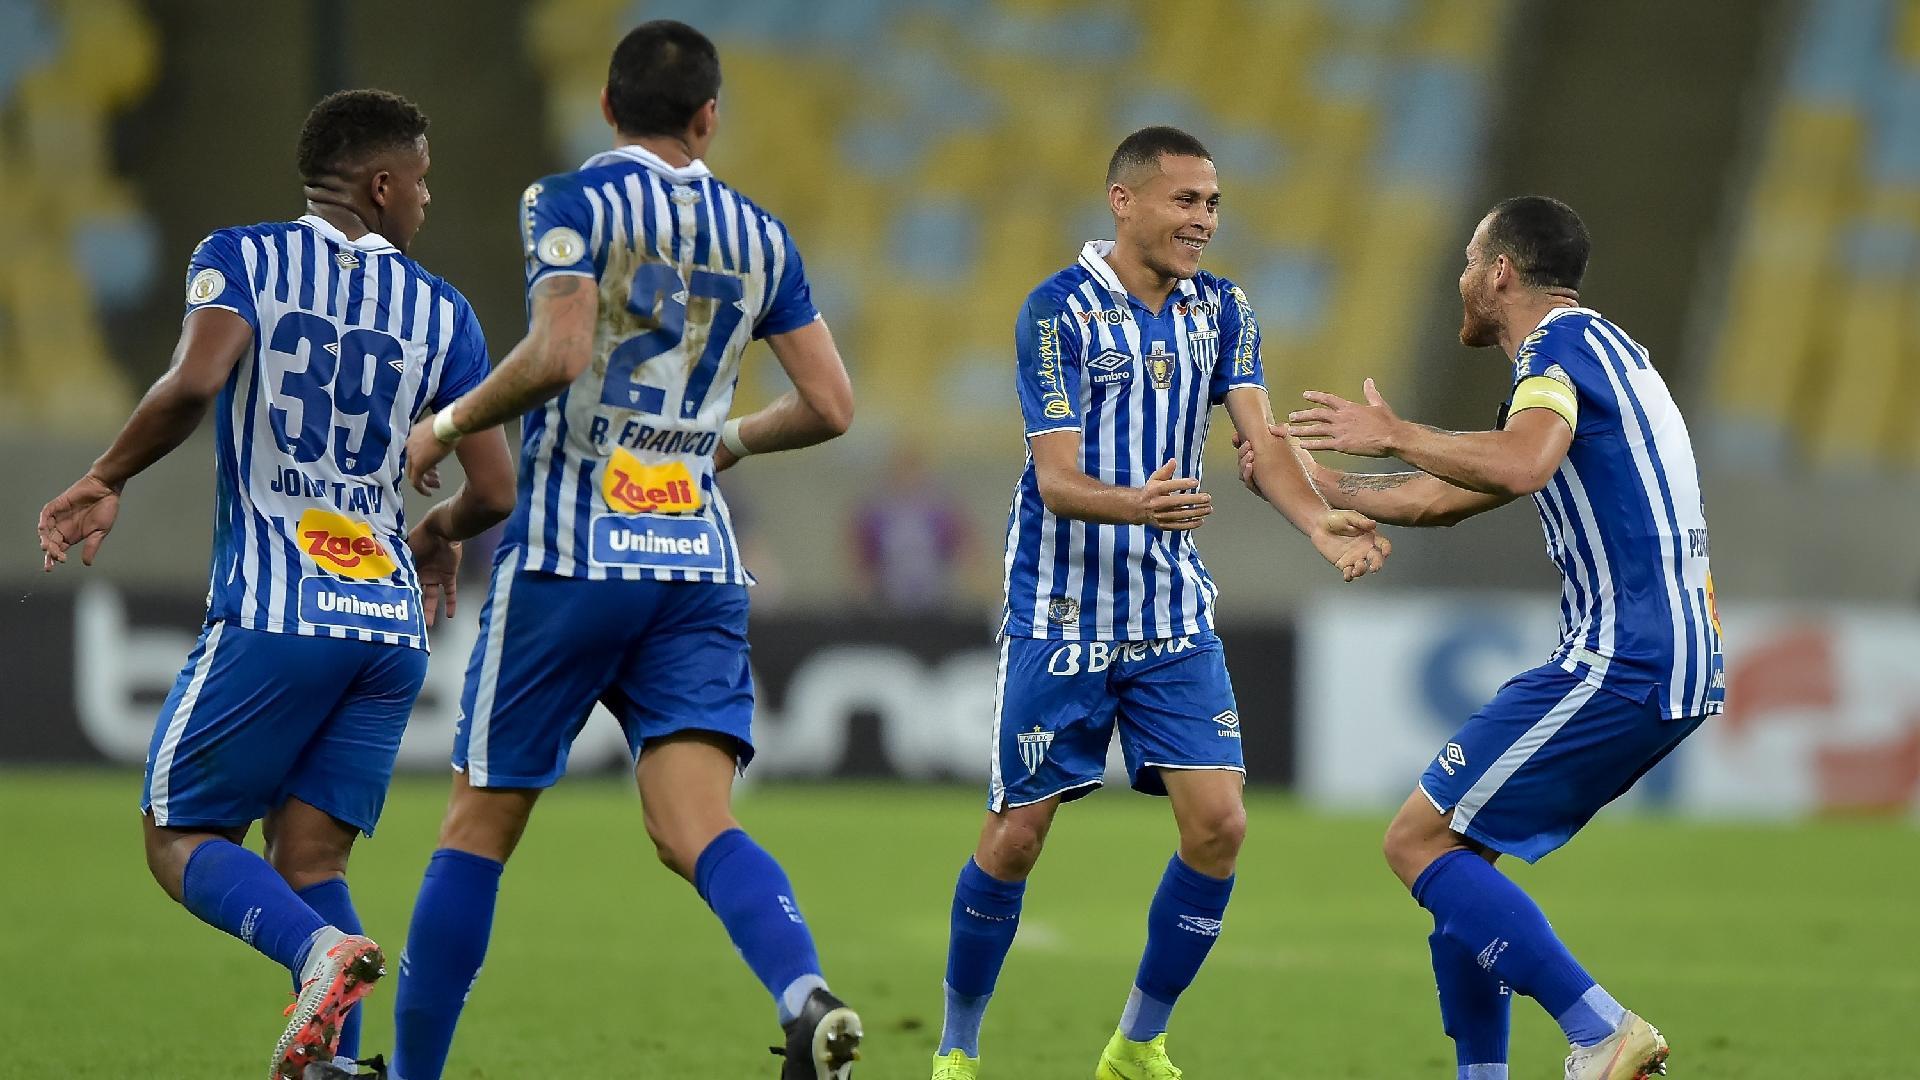 João Paulo comemora gol do Avaí contra o Fluminense